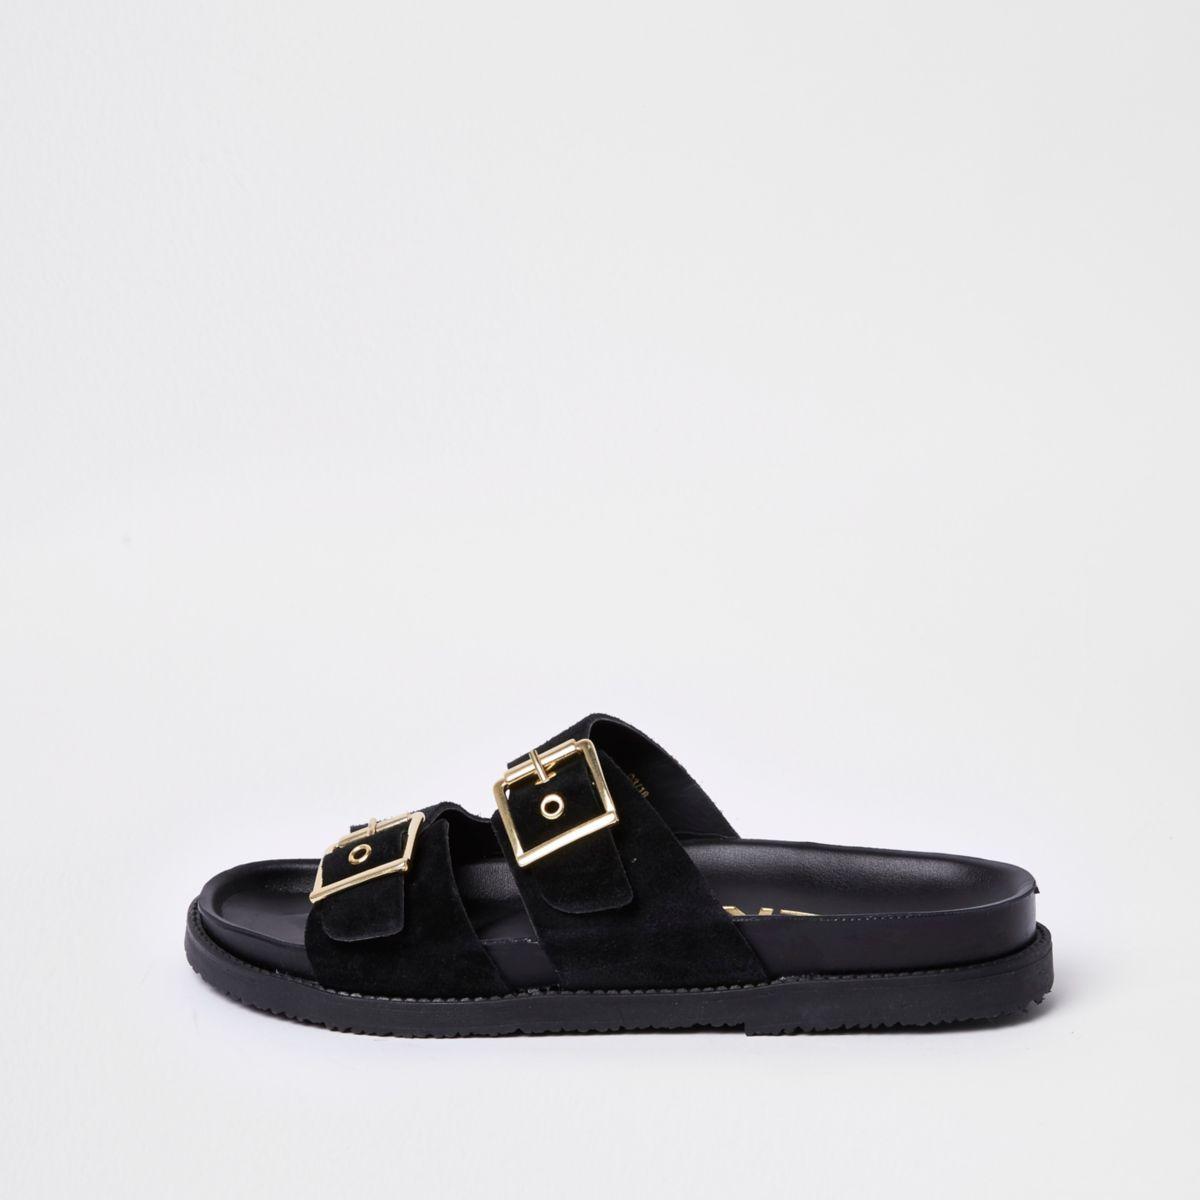 Schwarze Sandalen mit doppelter Schlange